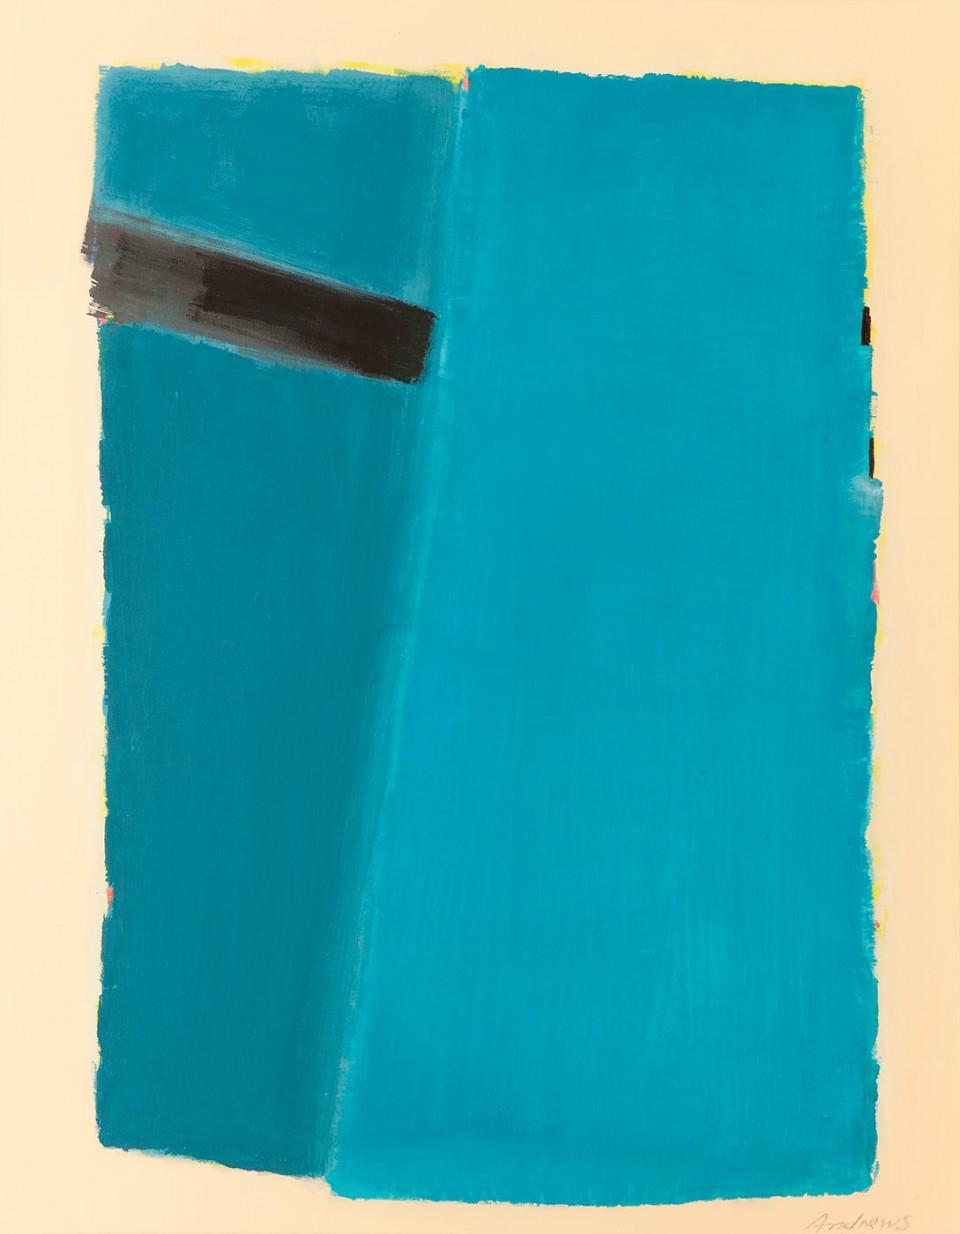 Cuadro 11 (2011) 146 x 114 cm.